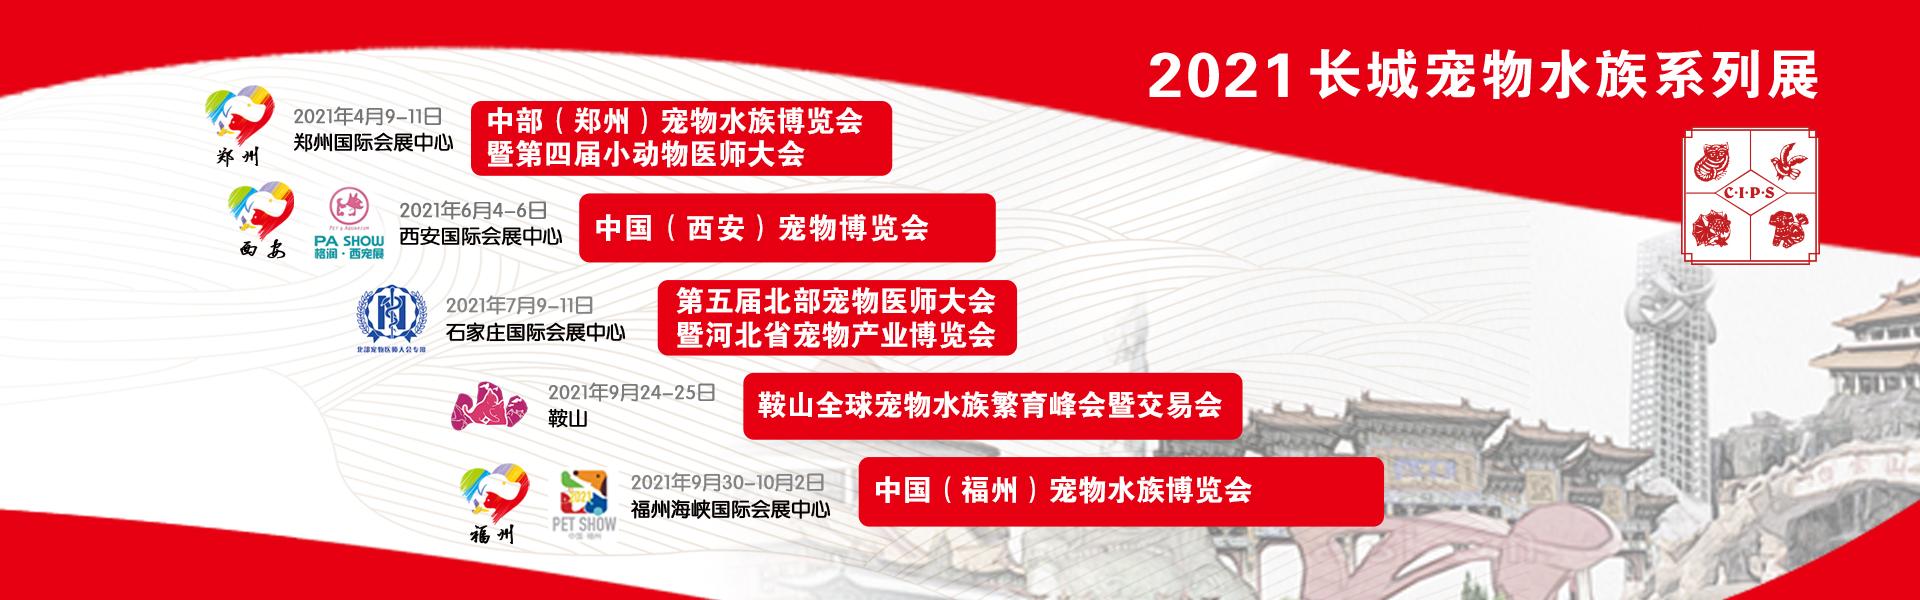 2021年宠物文化节排期